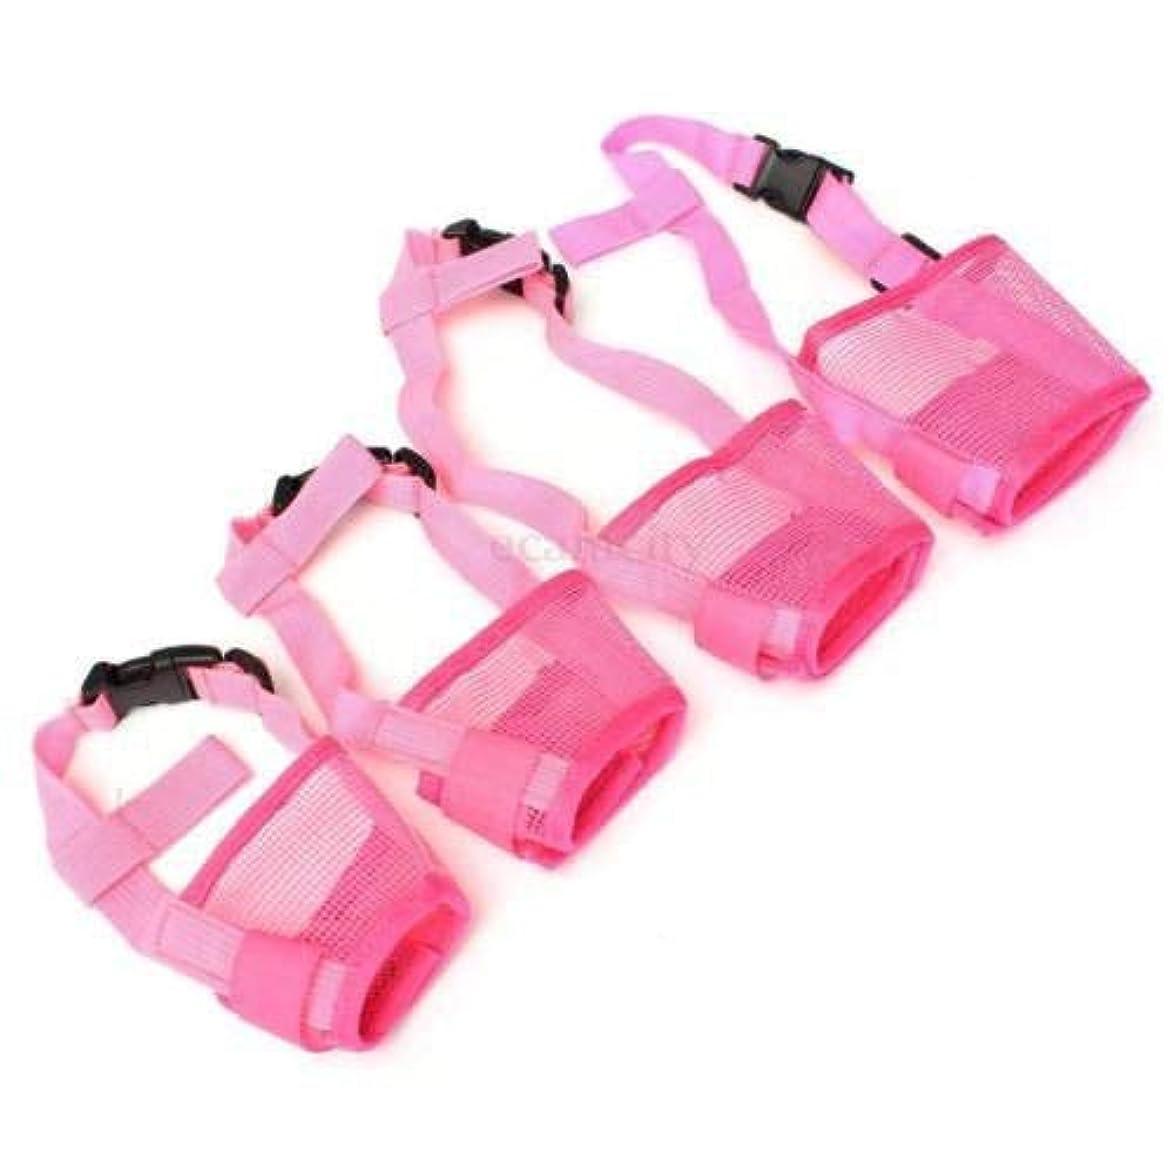 サラダ鼻配列SHUOYUE 1PCペット調節可能な犬マズルメッシュ通気性の犬の口マズルアンチ樹皮の咬傷犬チューグリグリトレーニング製品ペットアクセサリー (Color : Pink, Size : S)